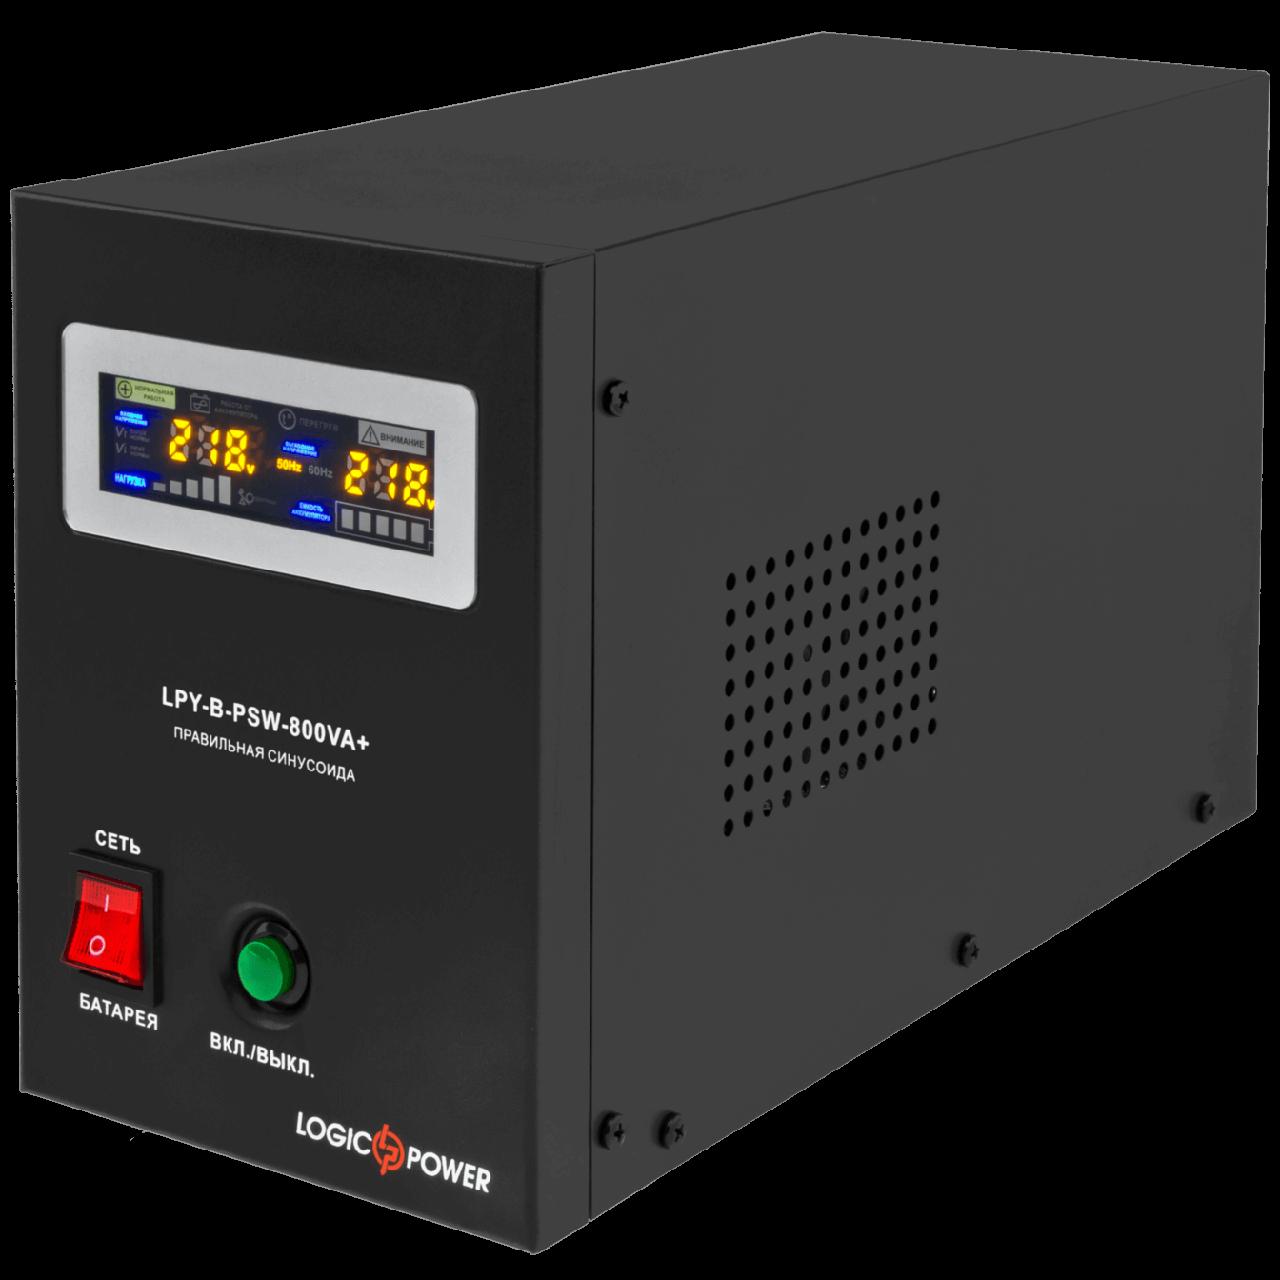 Logicpower LPY-B-PSW-800VA+  (560W) 5A/15A 12V